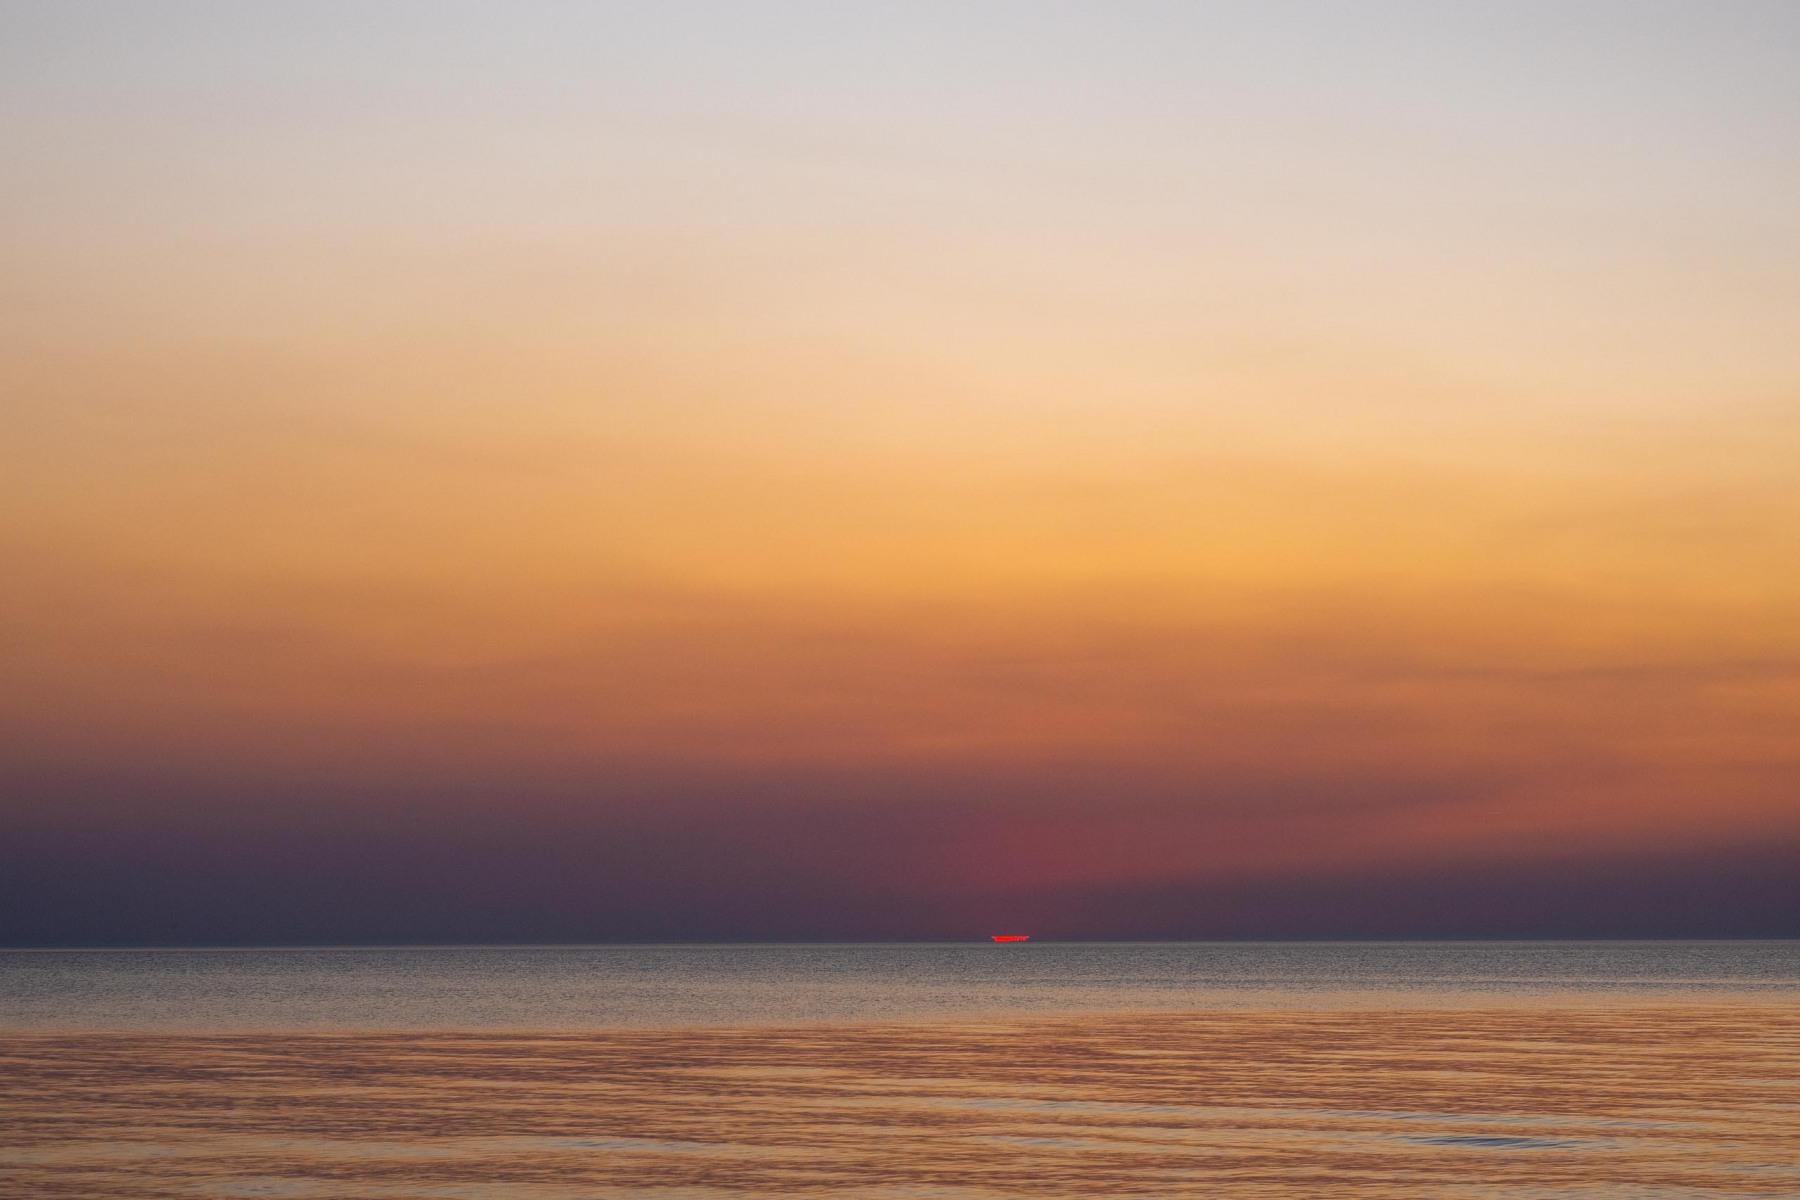 Ostsee, Darß, August 2020